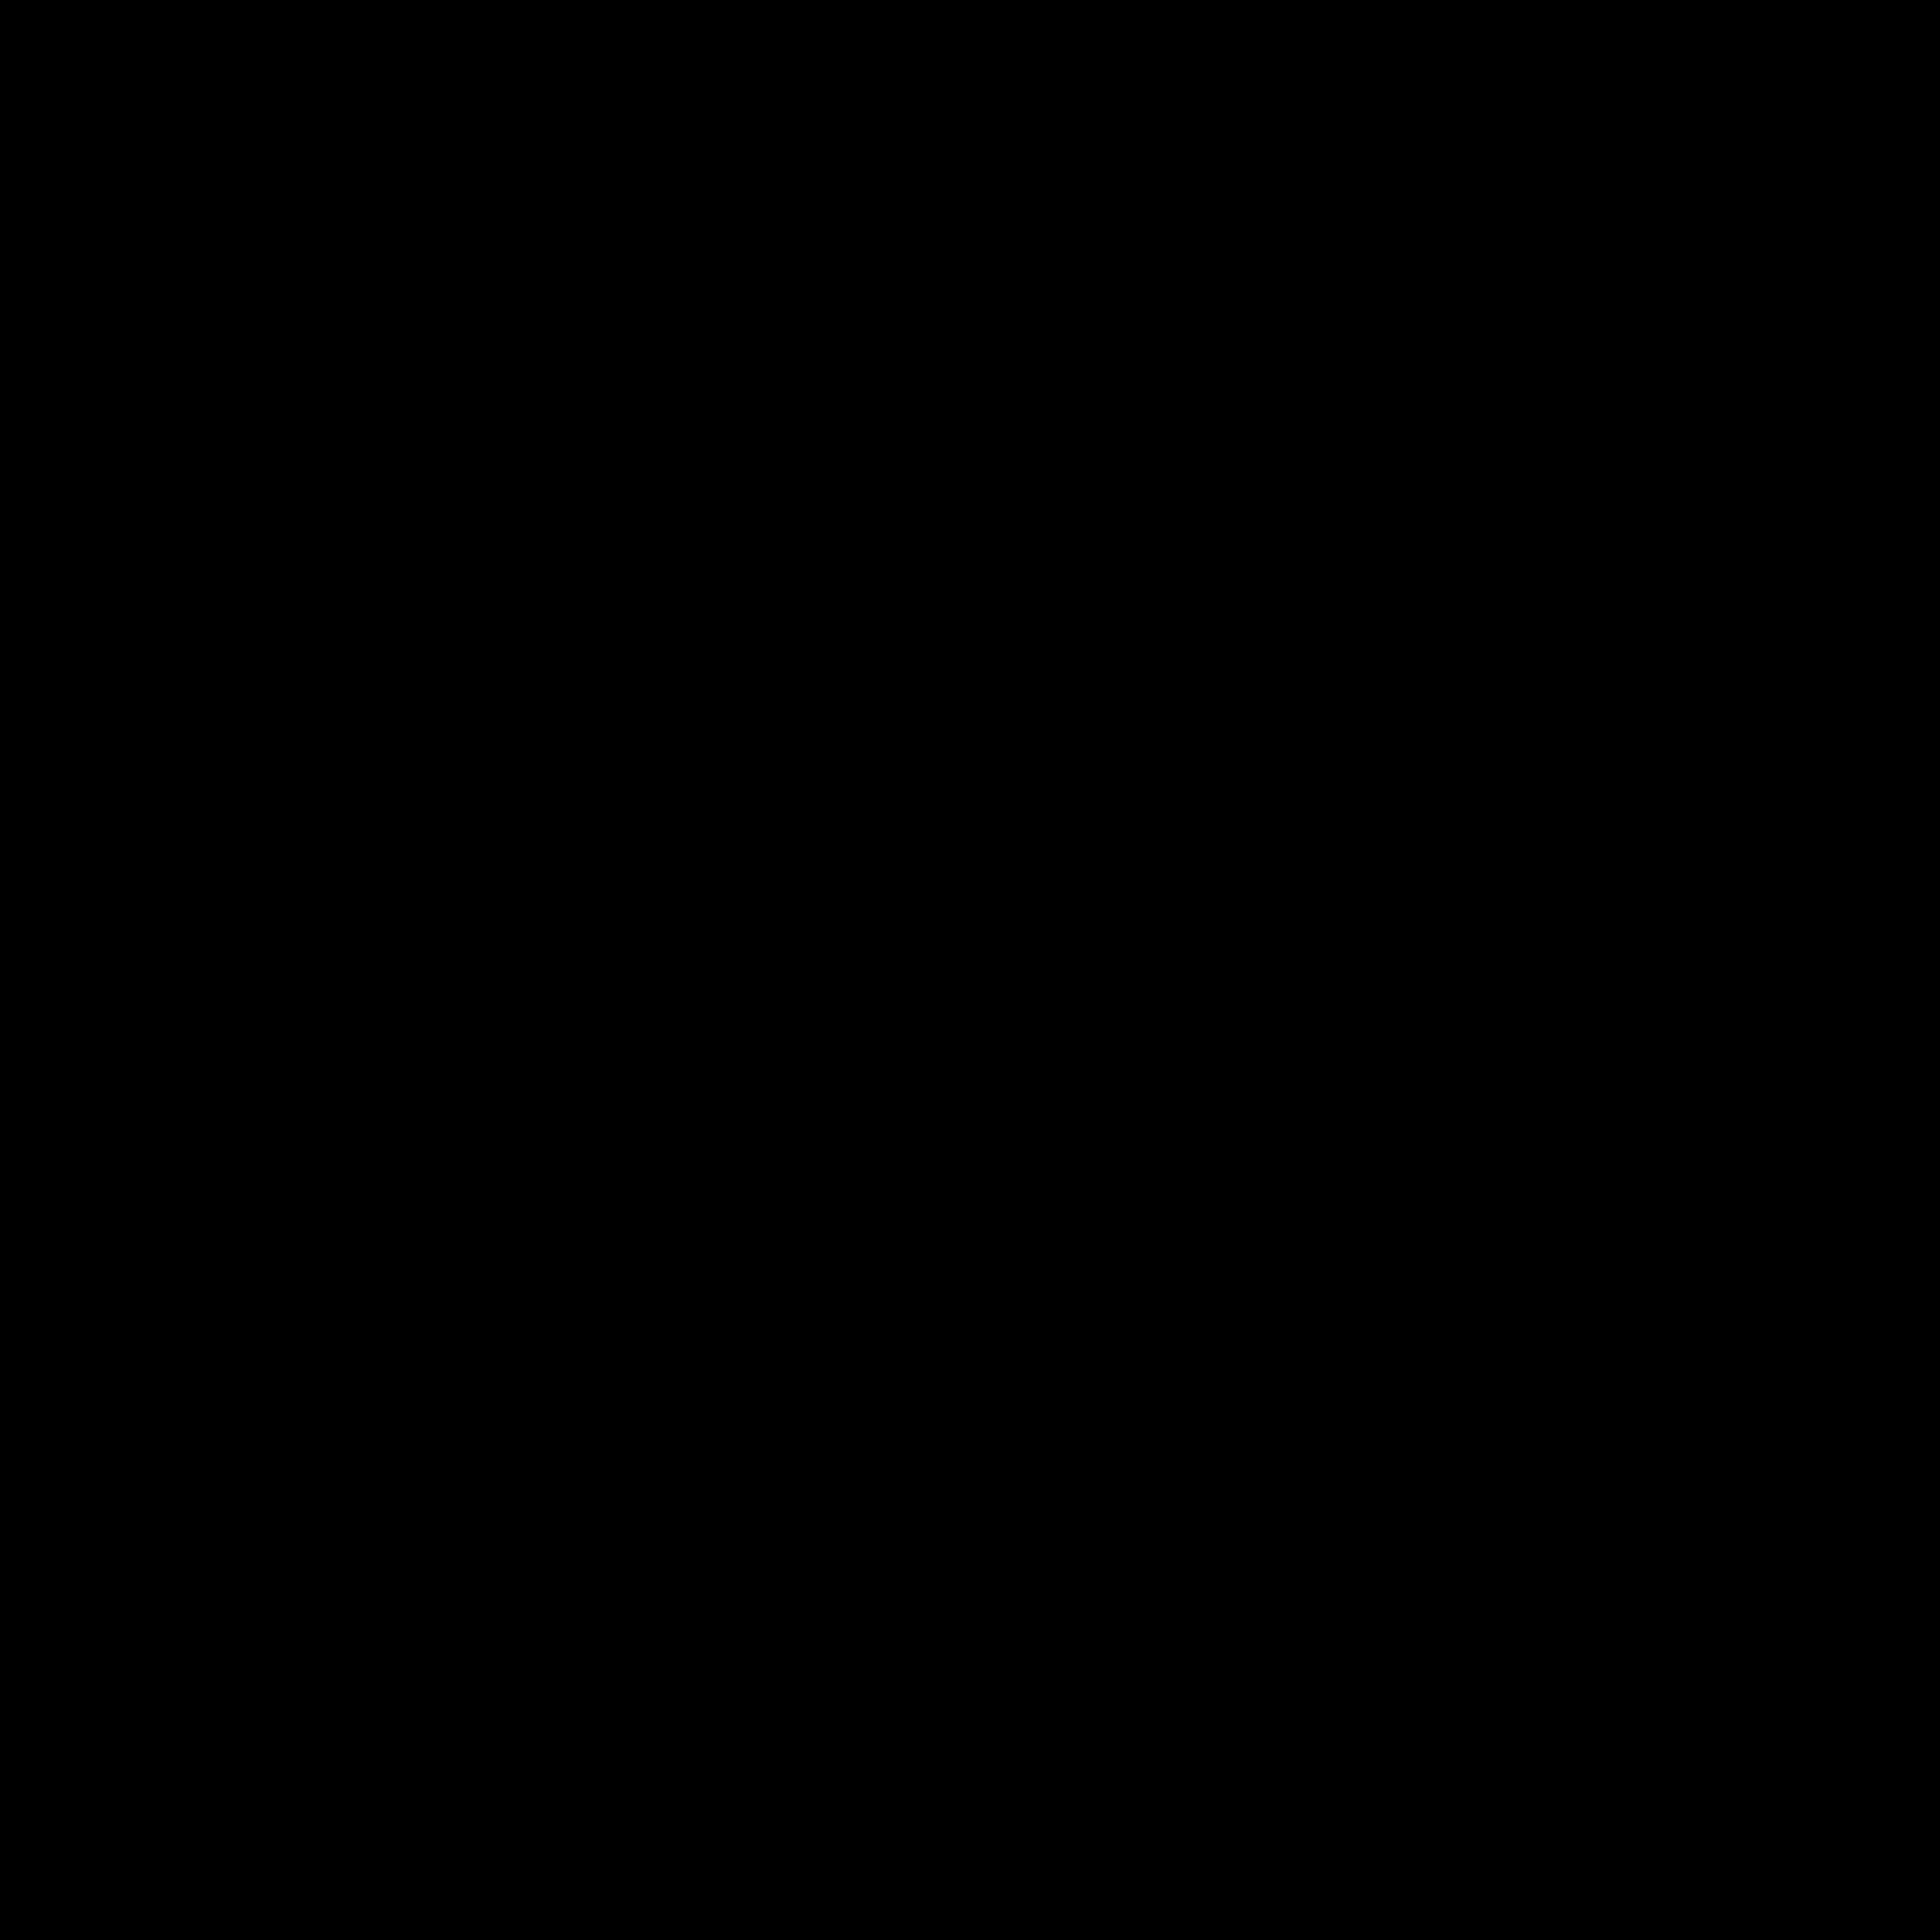 Roseta Shirt